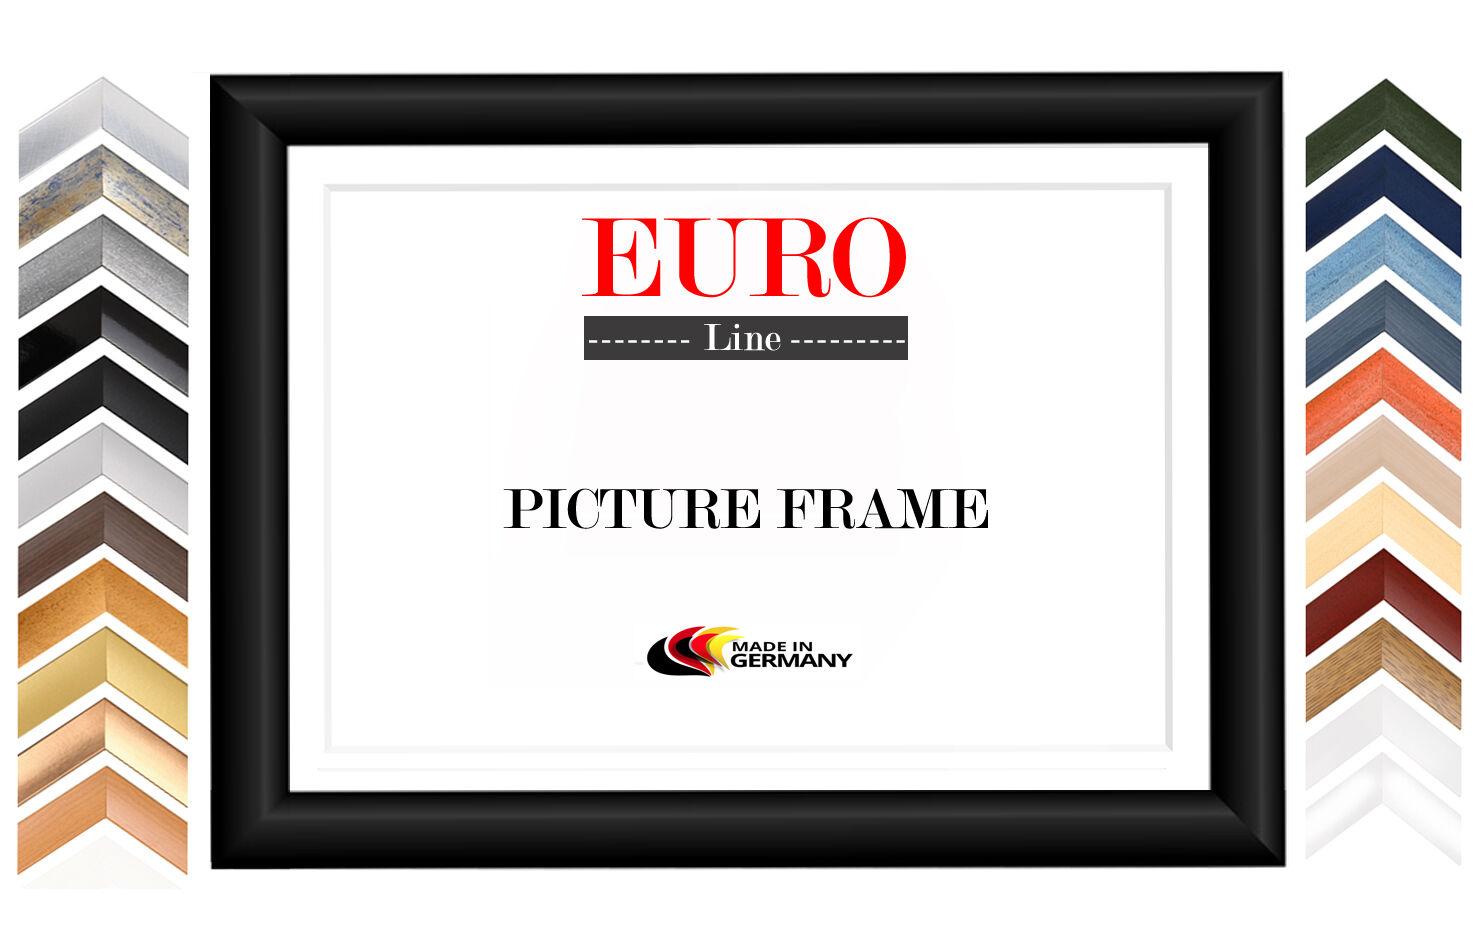 EUROLINE50 Bilderrahmen 70x66 cm oder 66x70 cm mit entspiegeltem Acrylglas